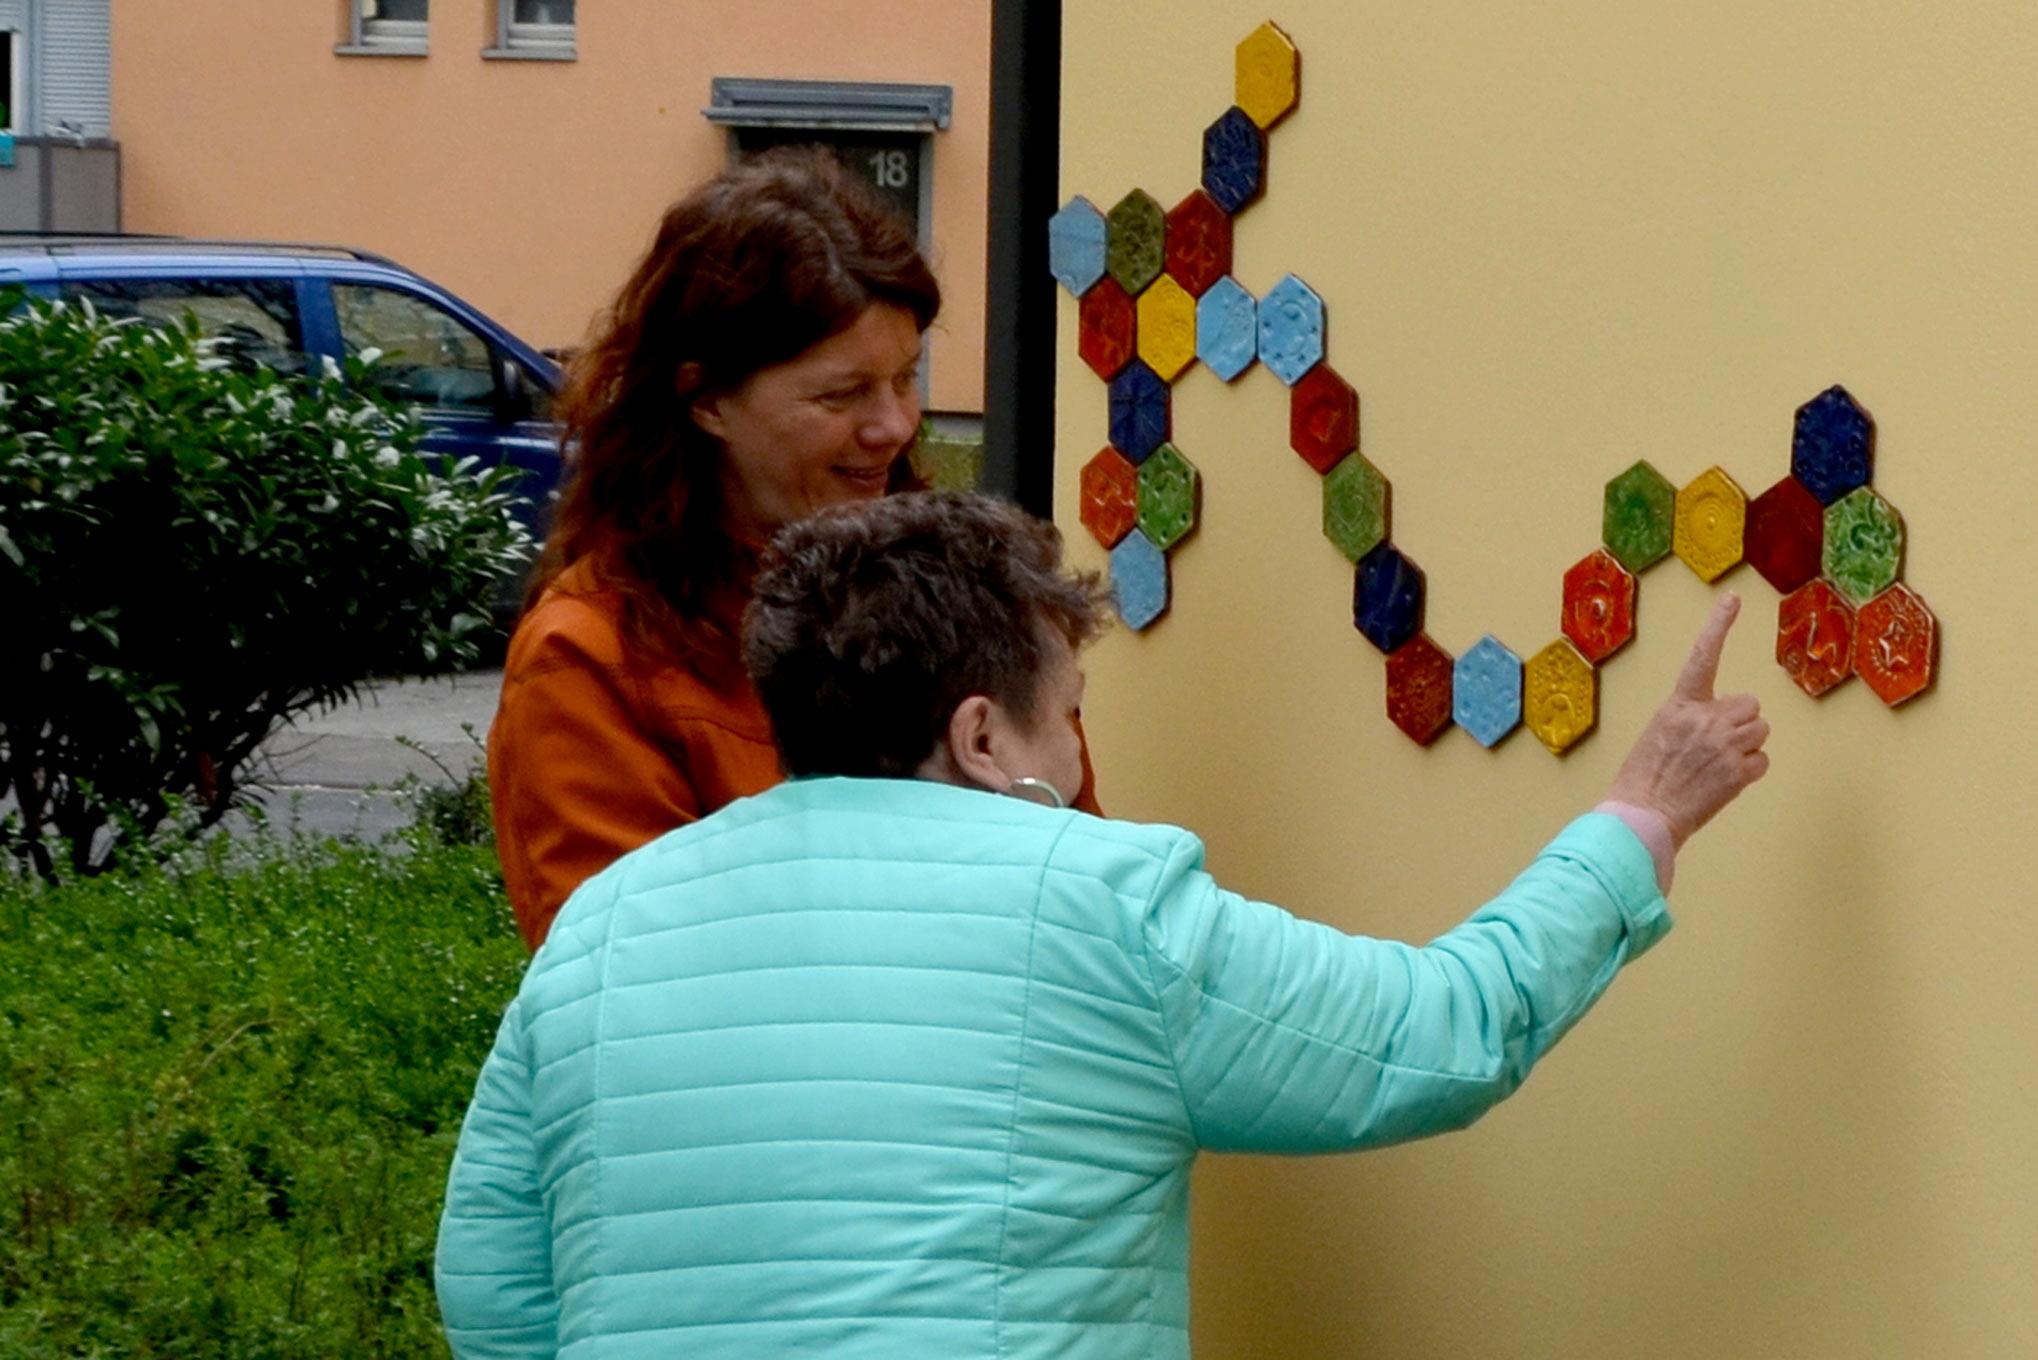 Miteinander leben miteinander gestalten tanja corbach for Raumgestaltung partizipation